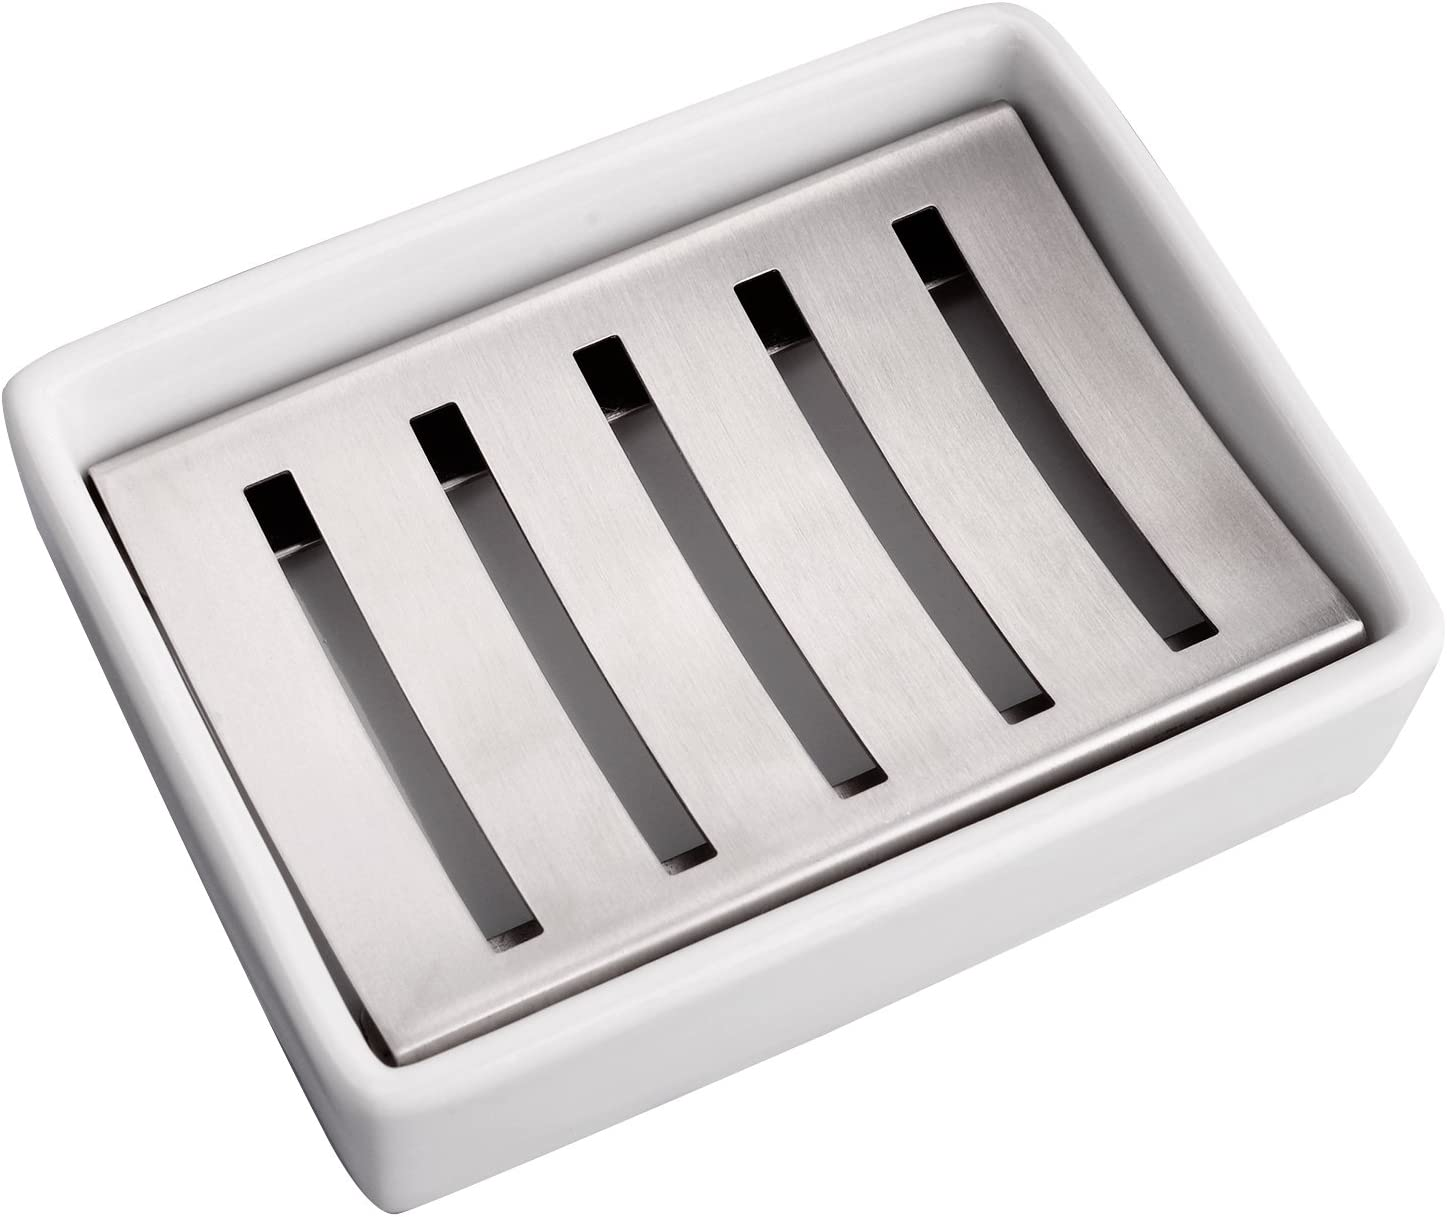 IMEEA® Jabonera de acero inoxidable con asiento de cerámica para baño, ducha elevador, cocina organizada